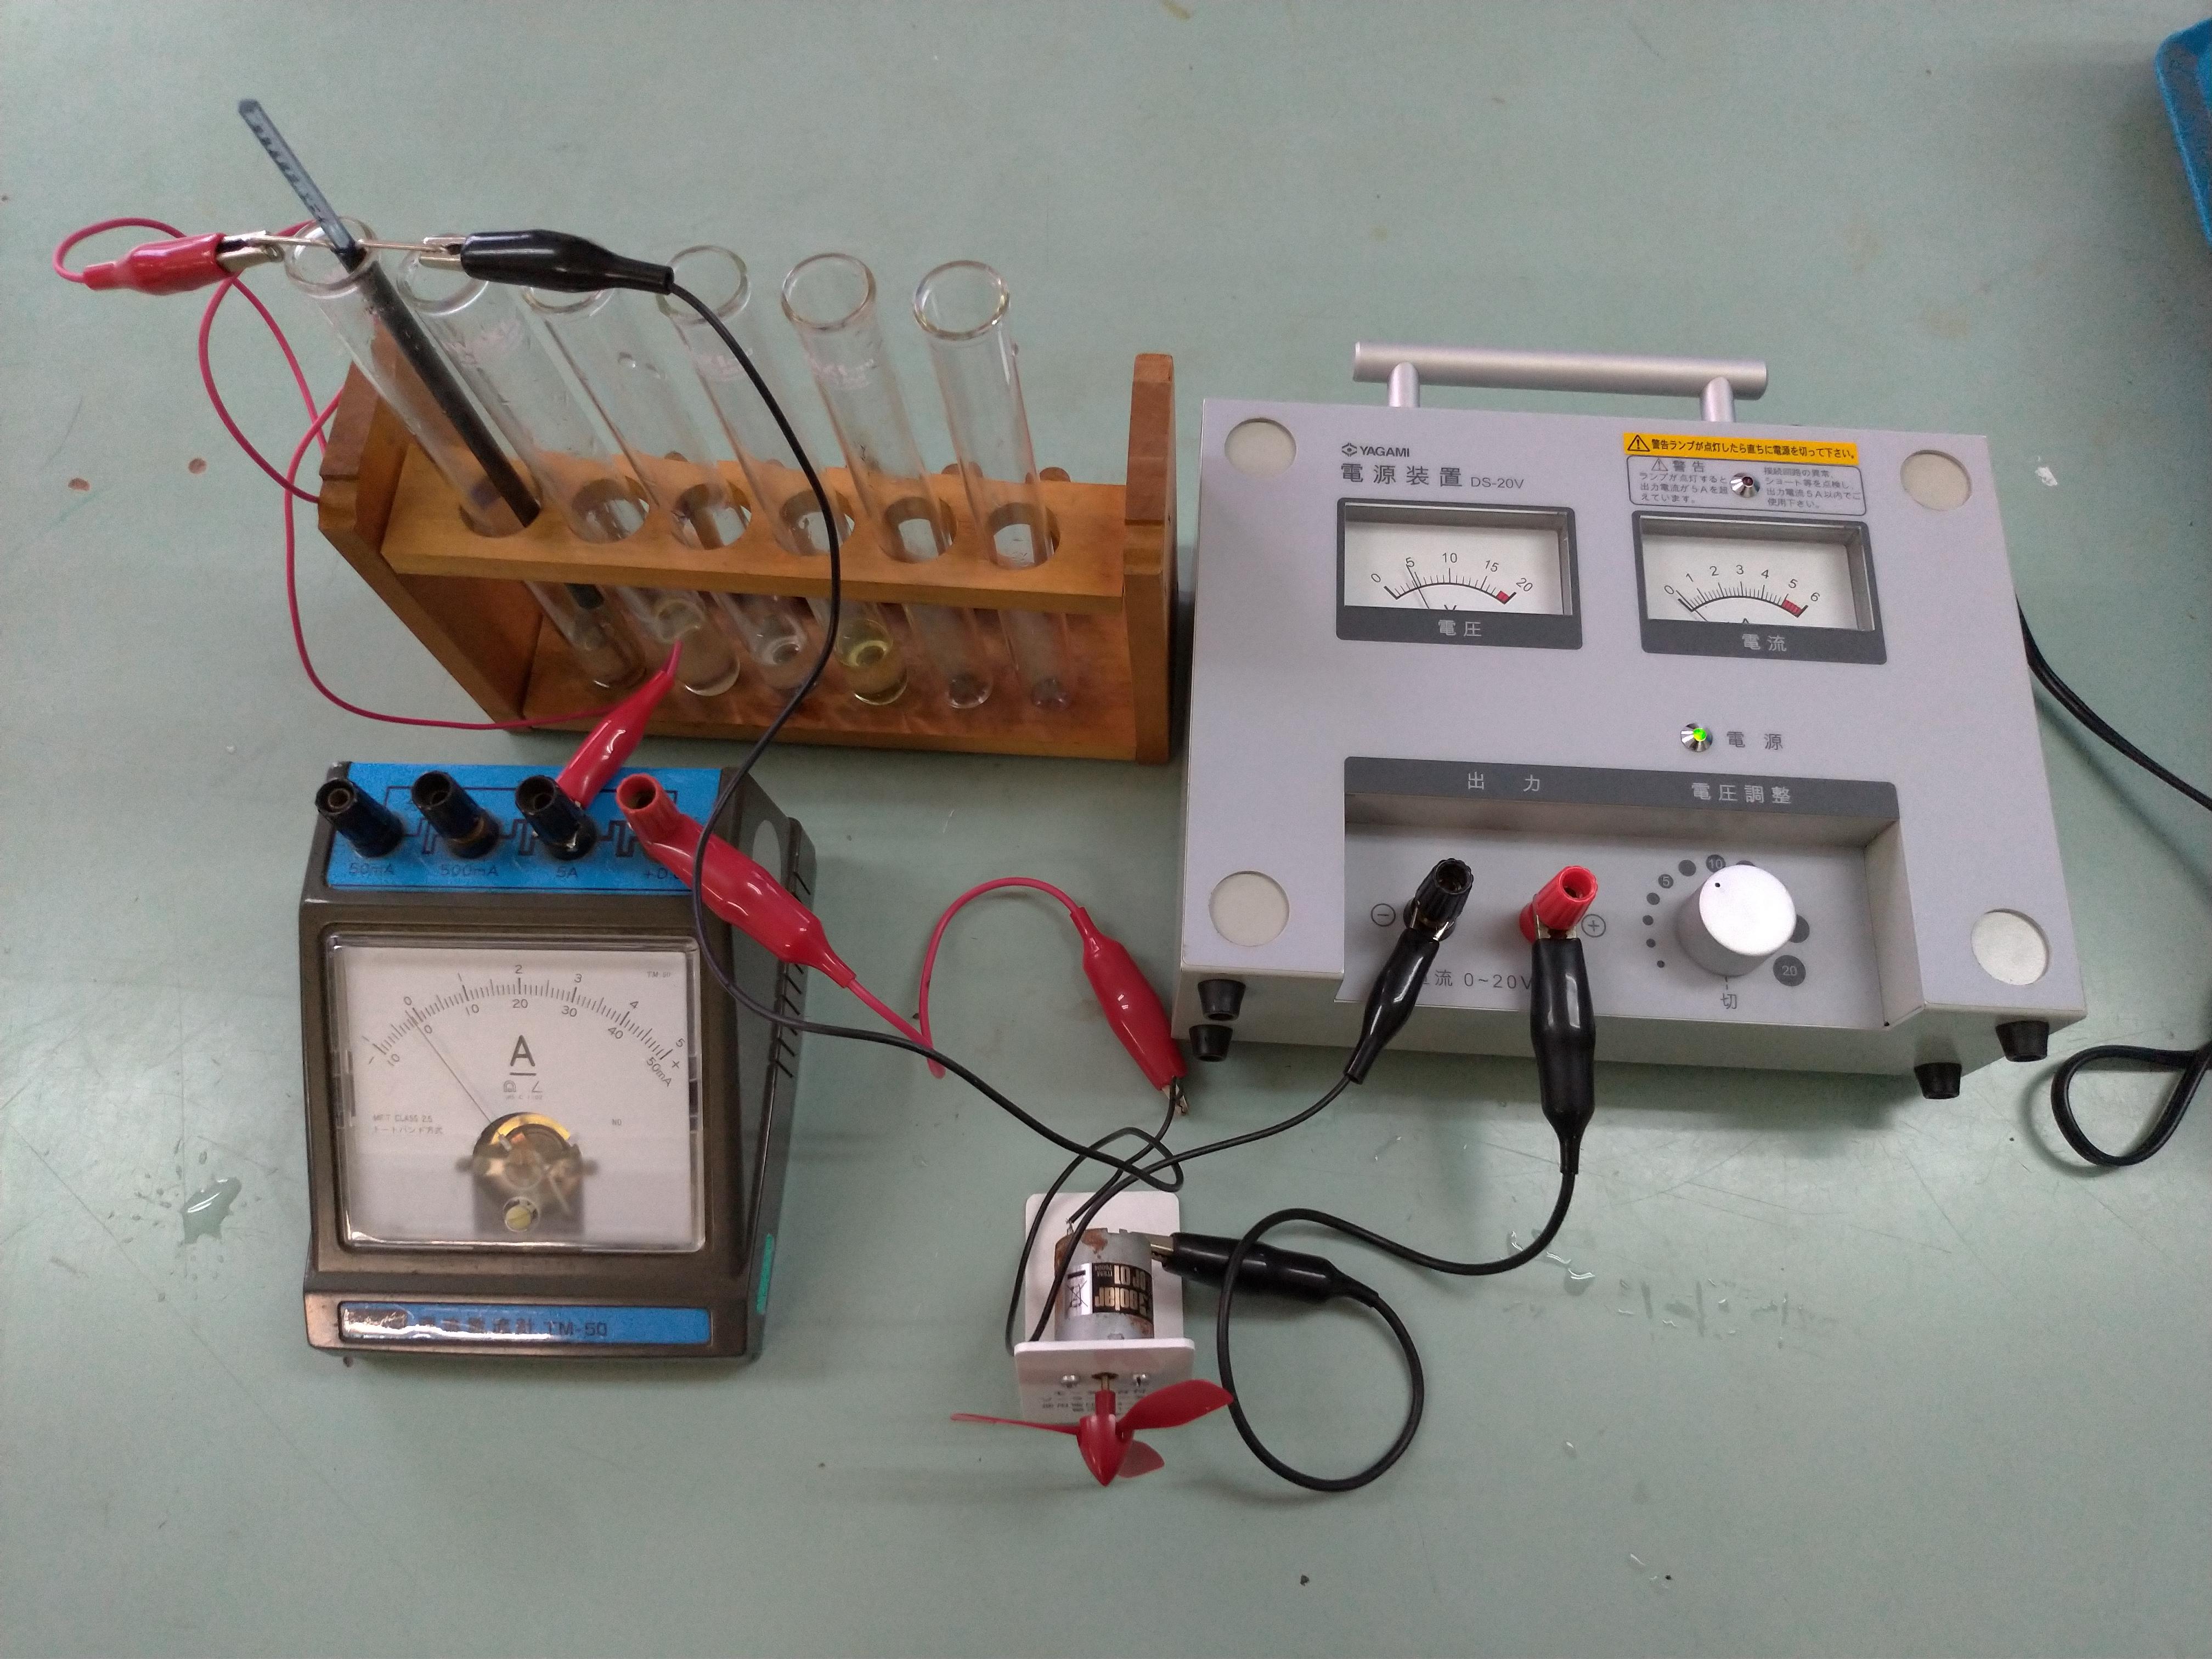 電解質と非電解質を調べる実験